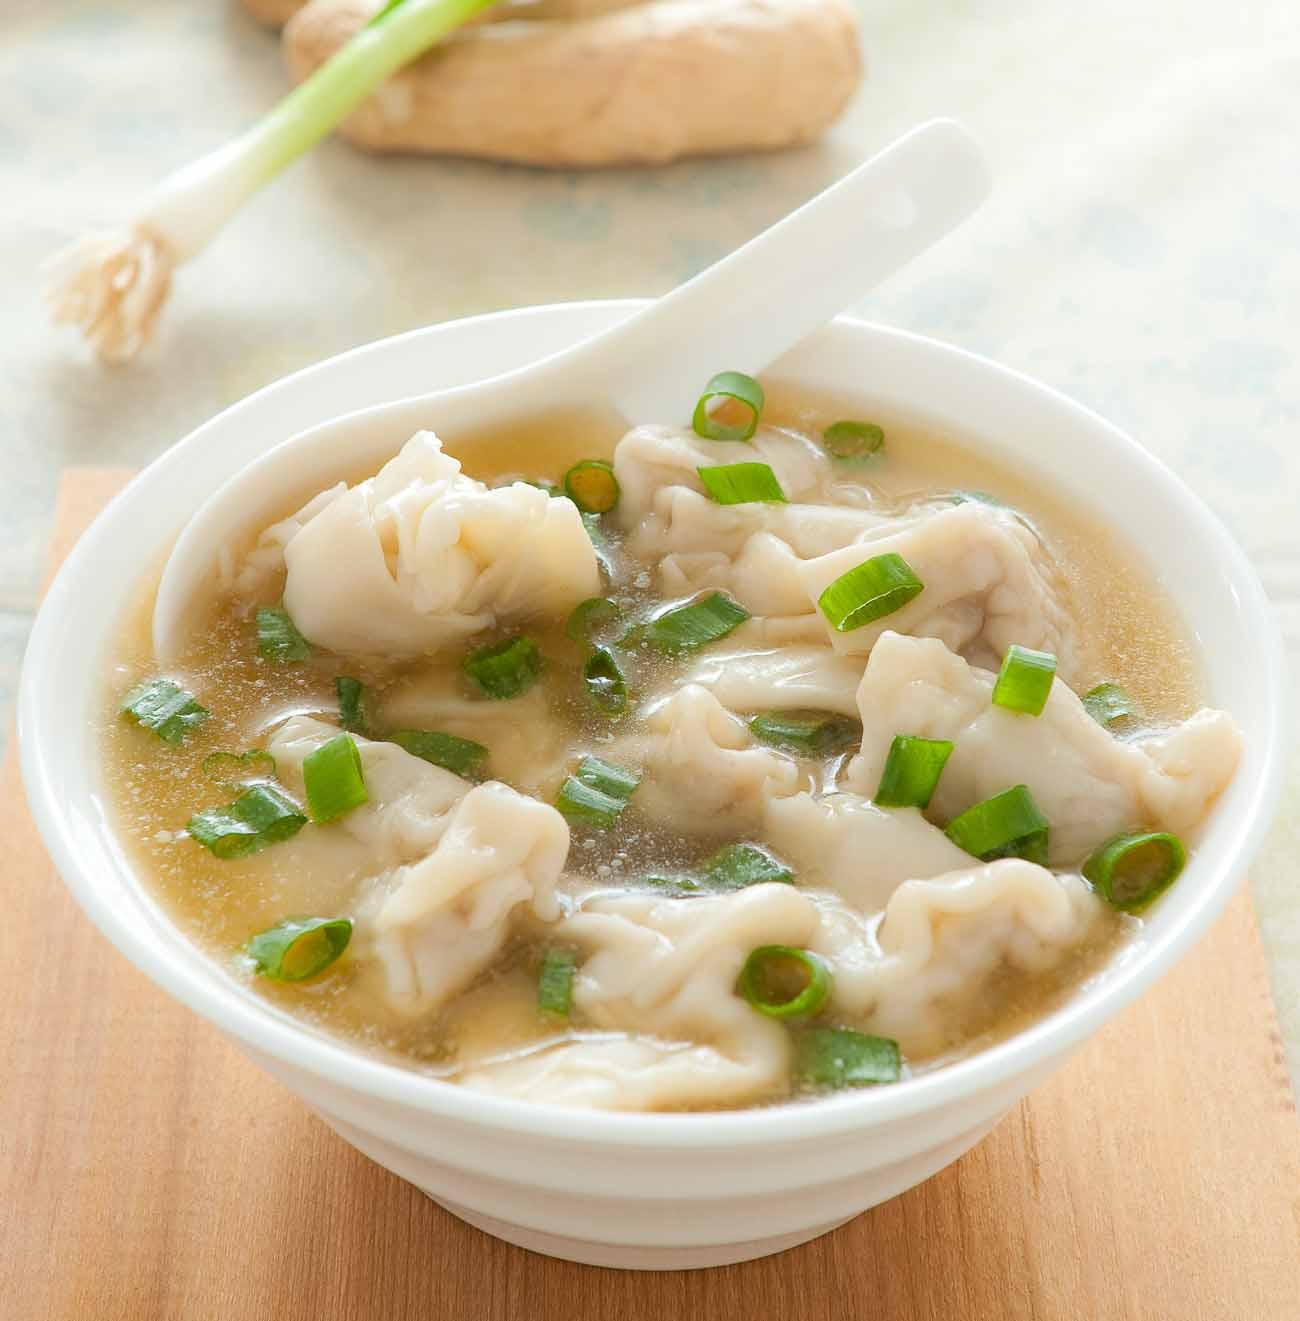 B1. Wonton Soup